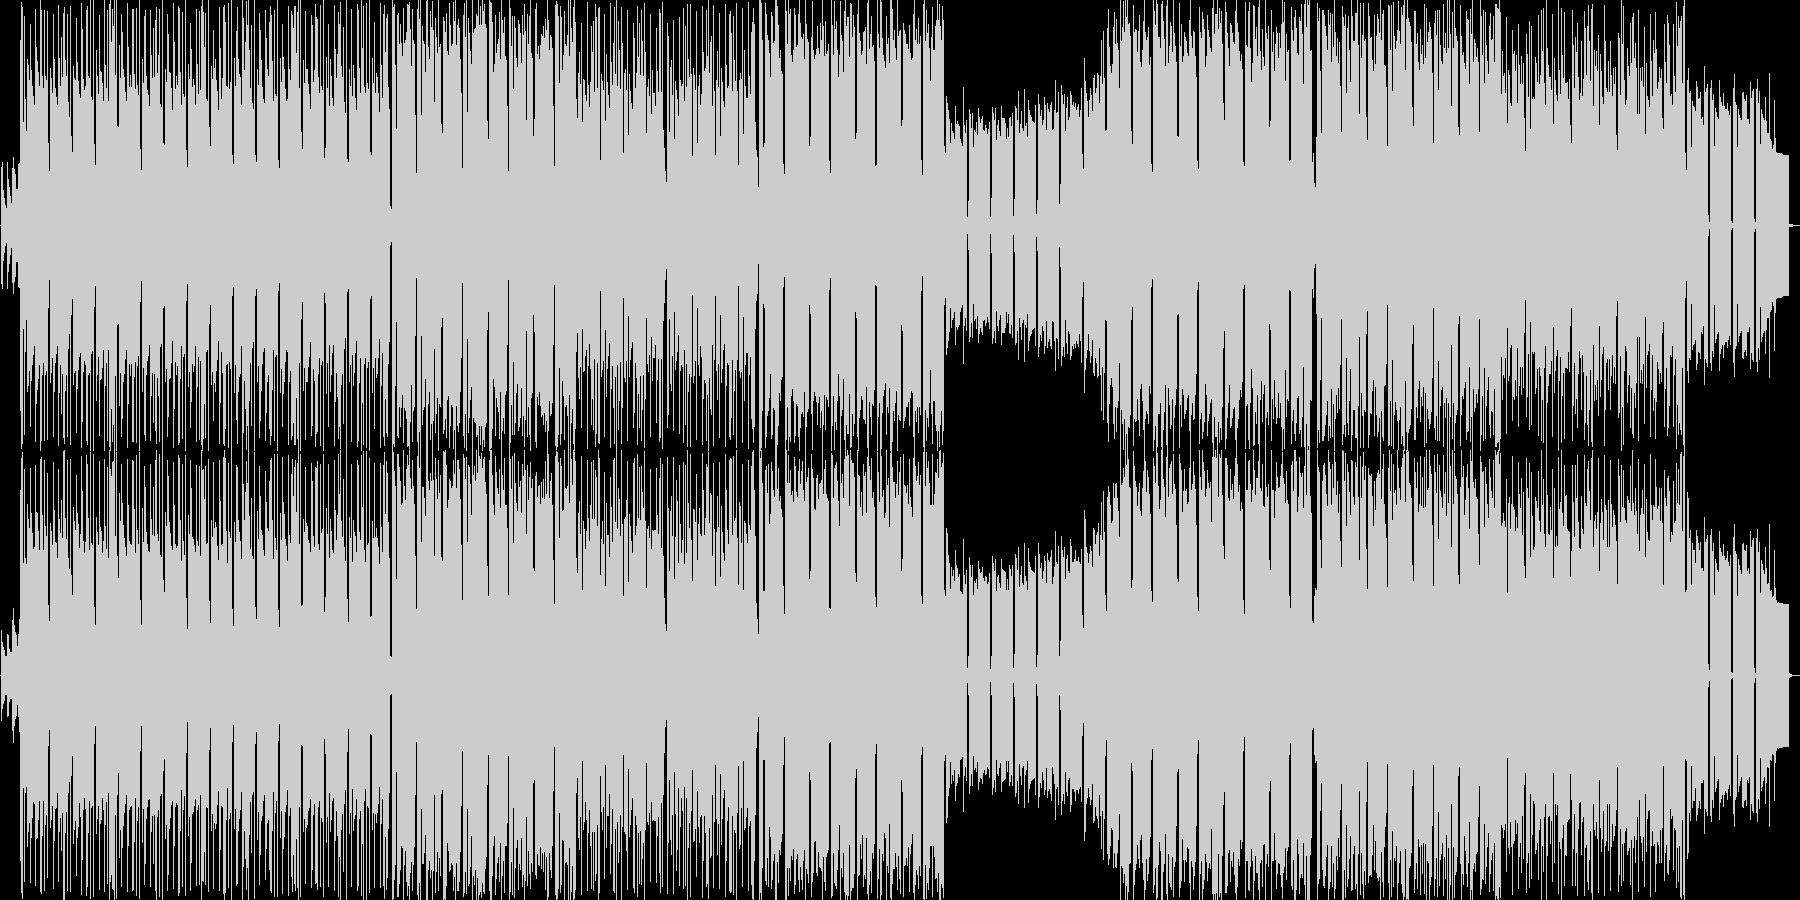 重低音の効いたシンセロックの未再生の波形